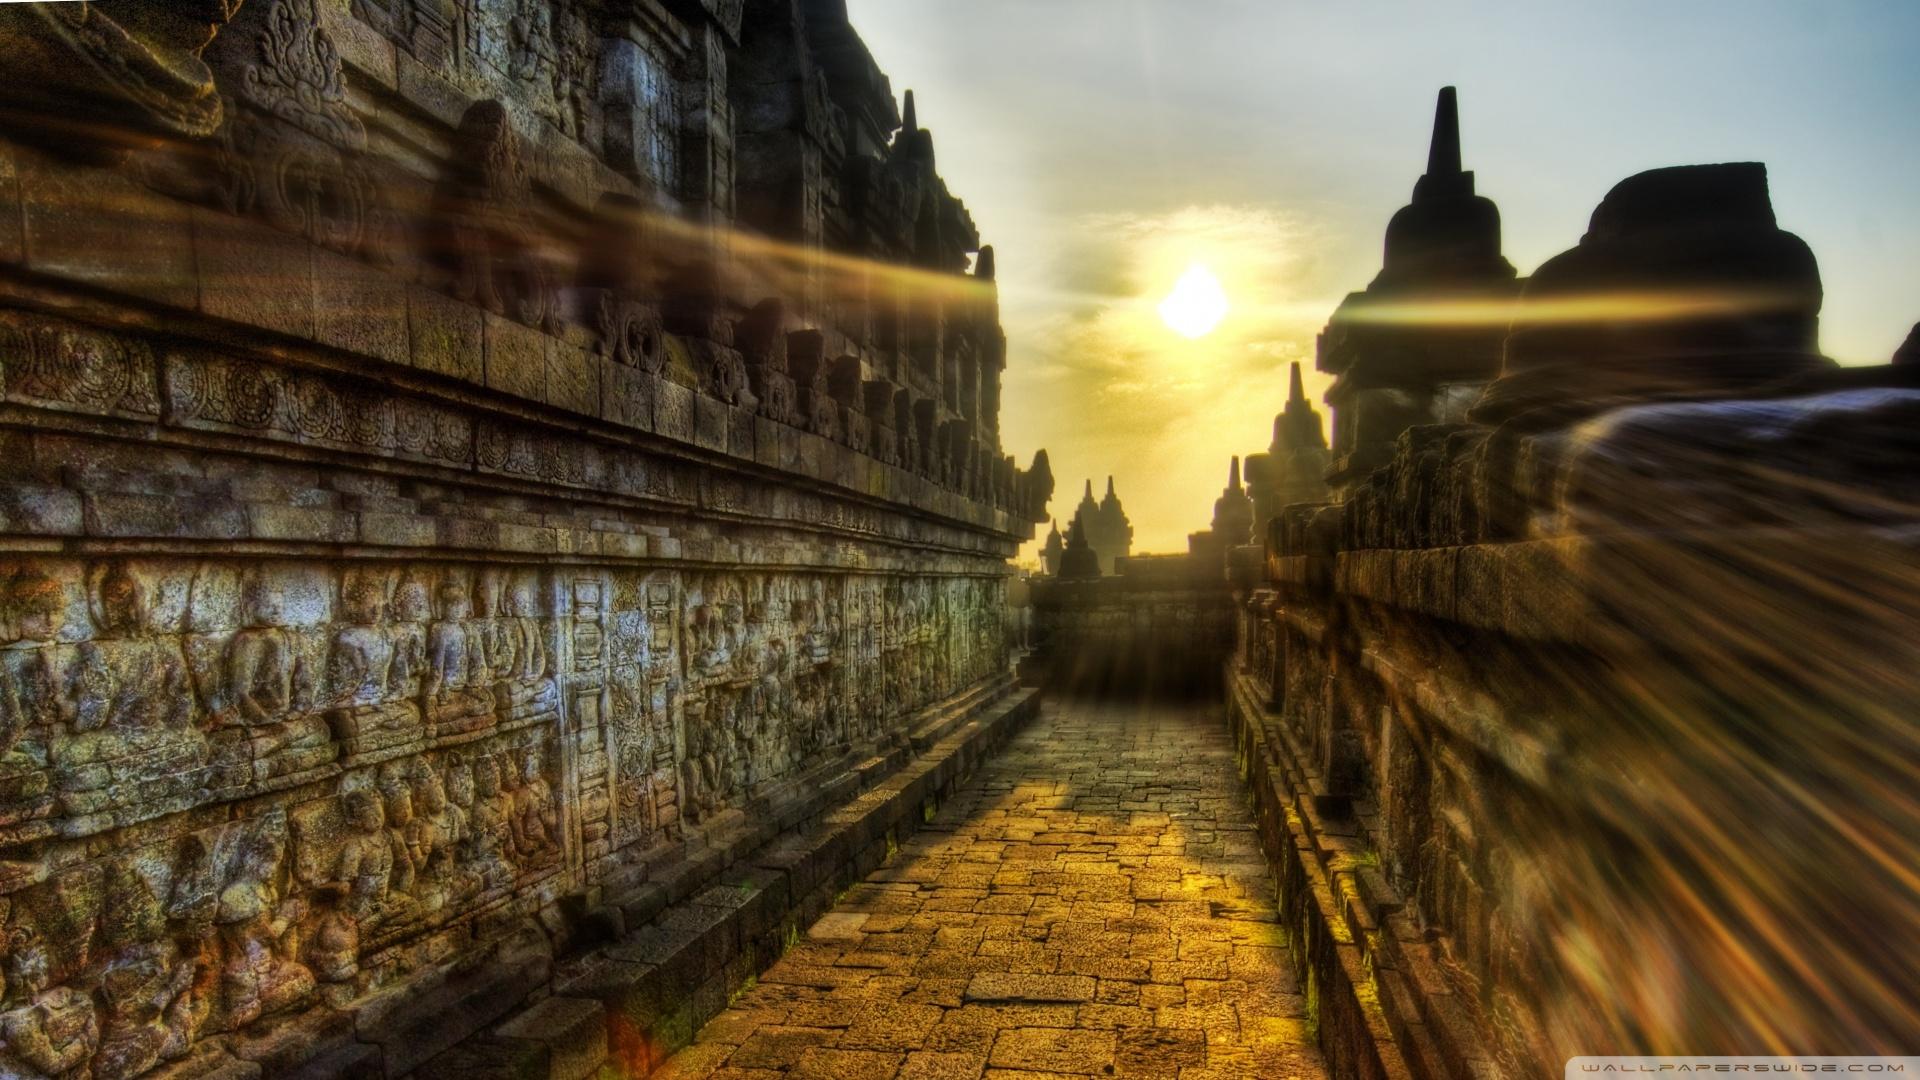 Buddhist Wallpaper Widescreen